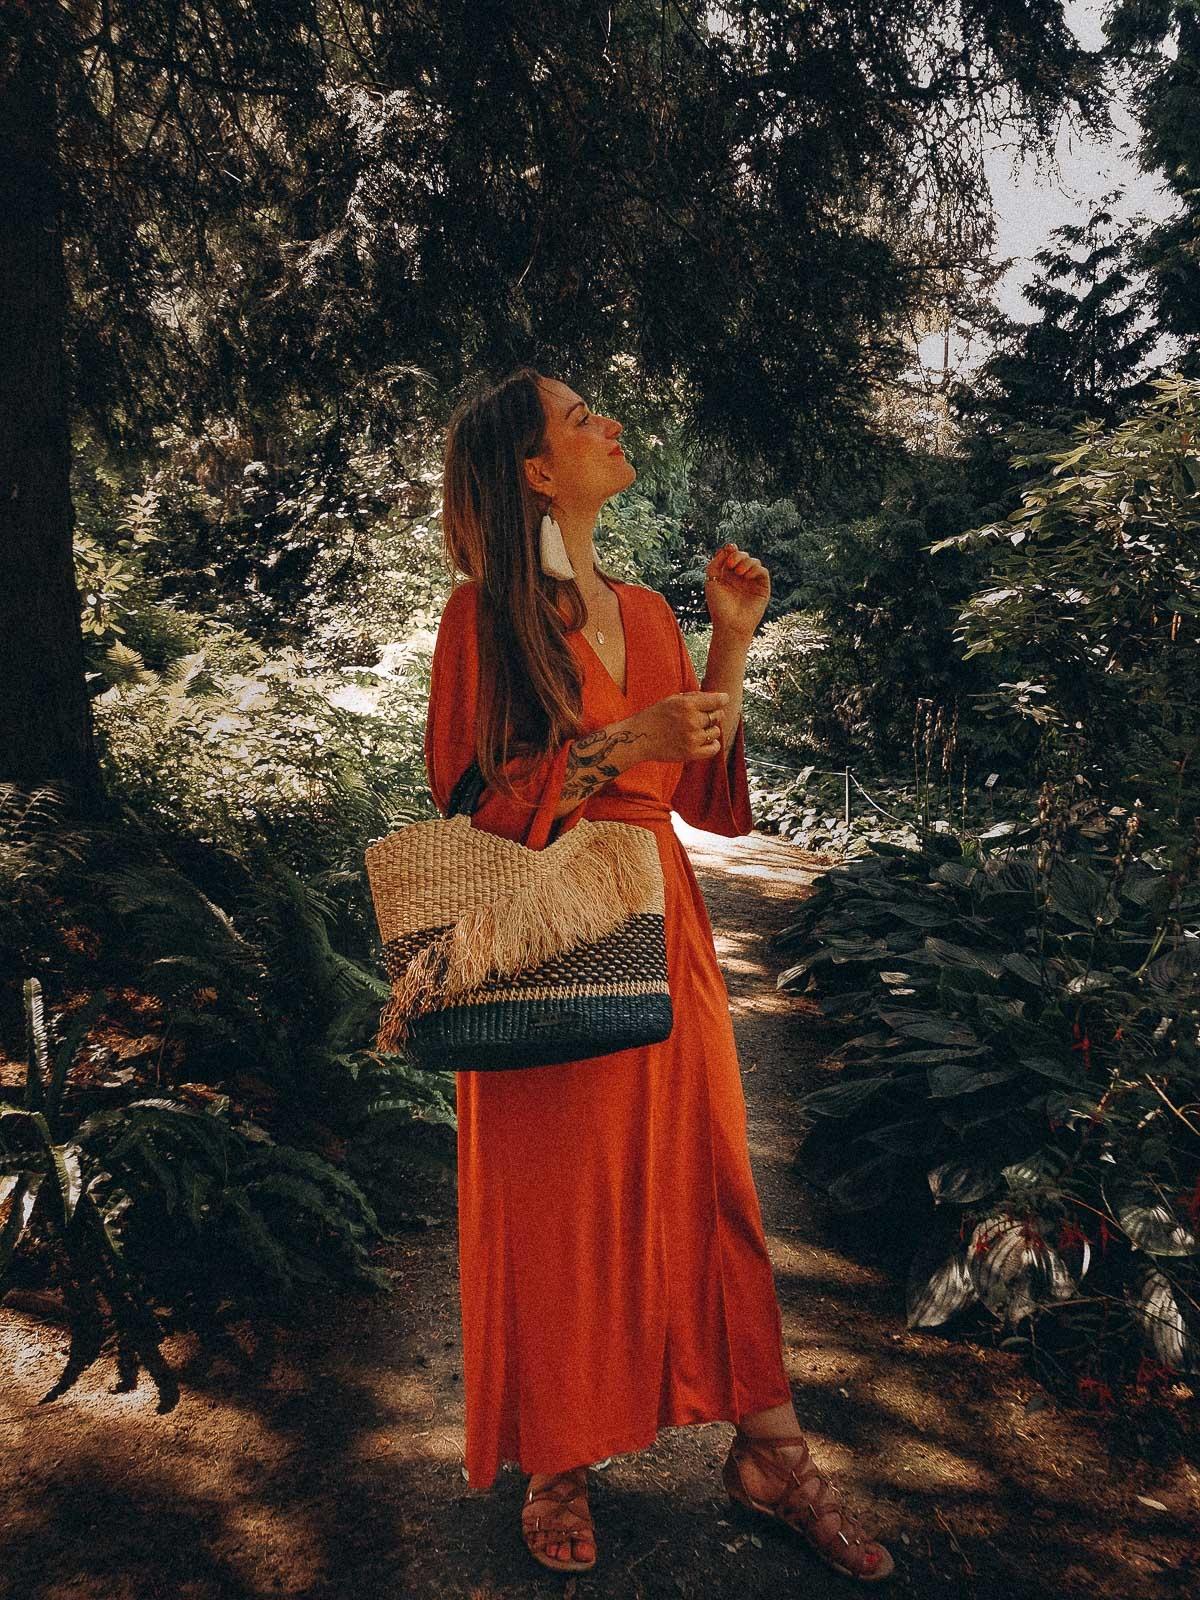 White Label Project, WLP, faire Mode, fair fashion, Fair Fashion kaufen, Fair Interior, fair Einrichten, Kunsthandwerk Interior kaufen, nachhaltig kaufen